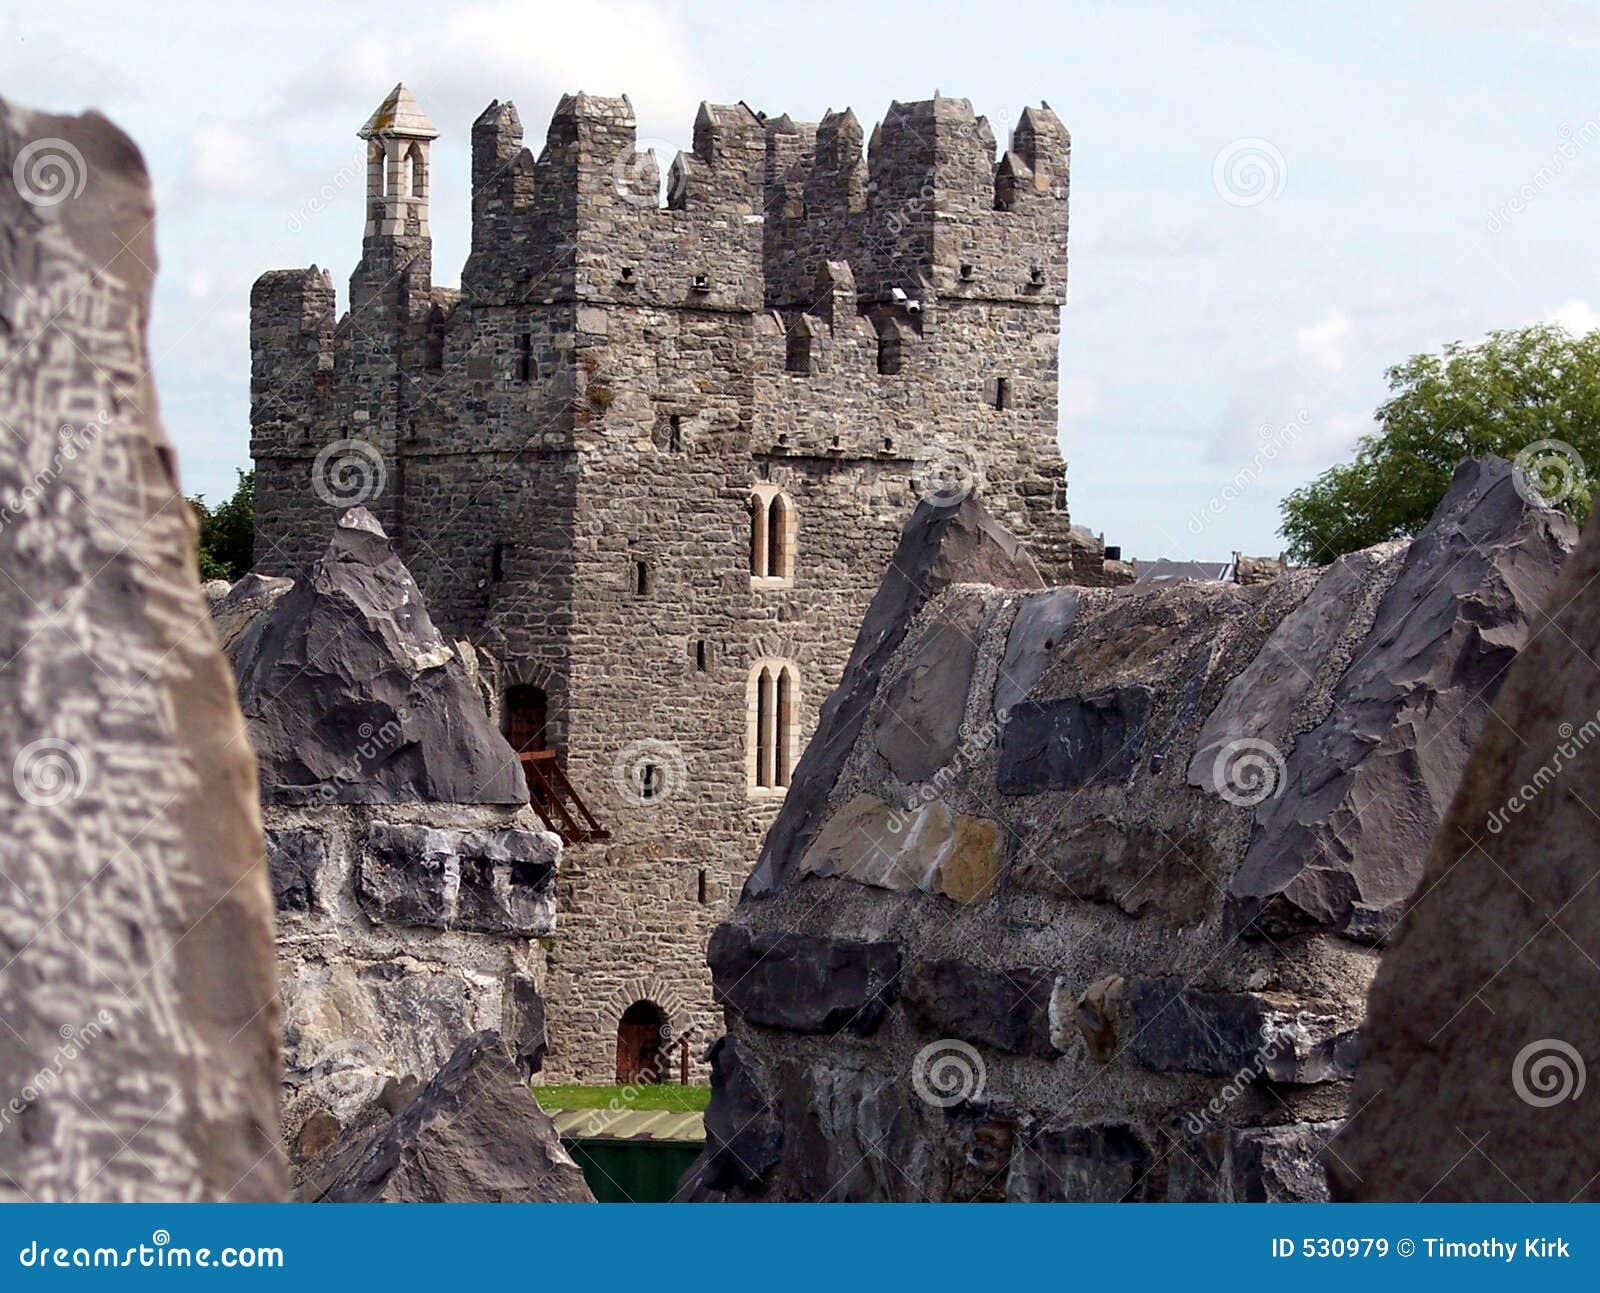 Download 城堡剑 库存图片. 图片 包括有 岩石, 王后, 战斗, 石头, 阴云密布, 蓝色, 塔楼, 扶手, 强制, 灰色 - 530979